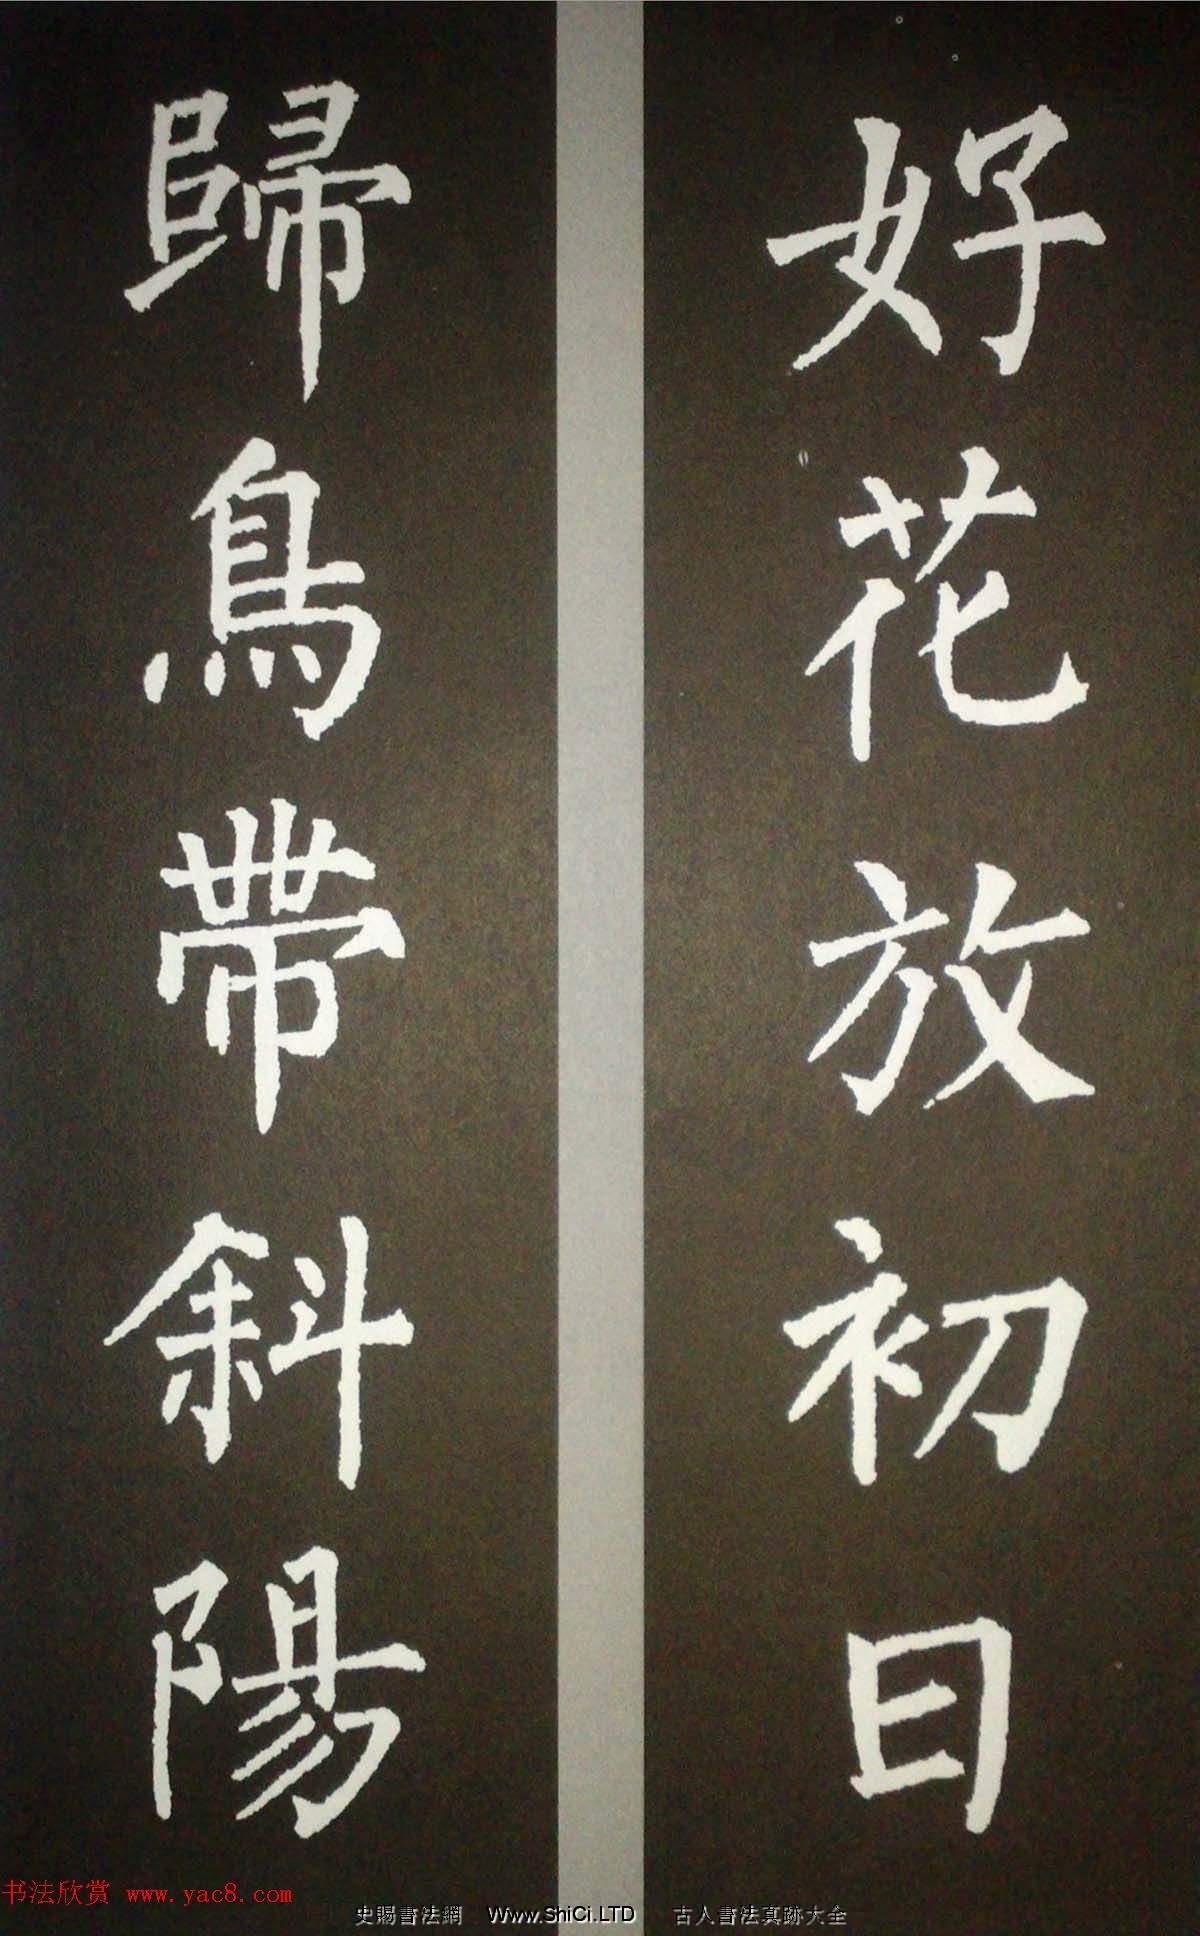 柳體集字真跡欣賞 柳公權楷書集字書法對聯15幅(共15張圖片)